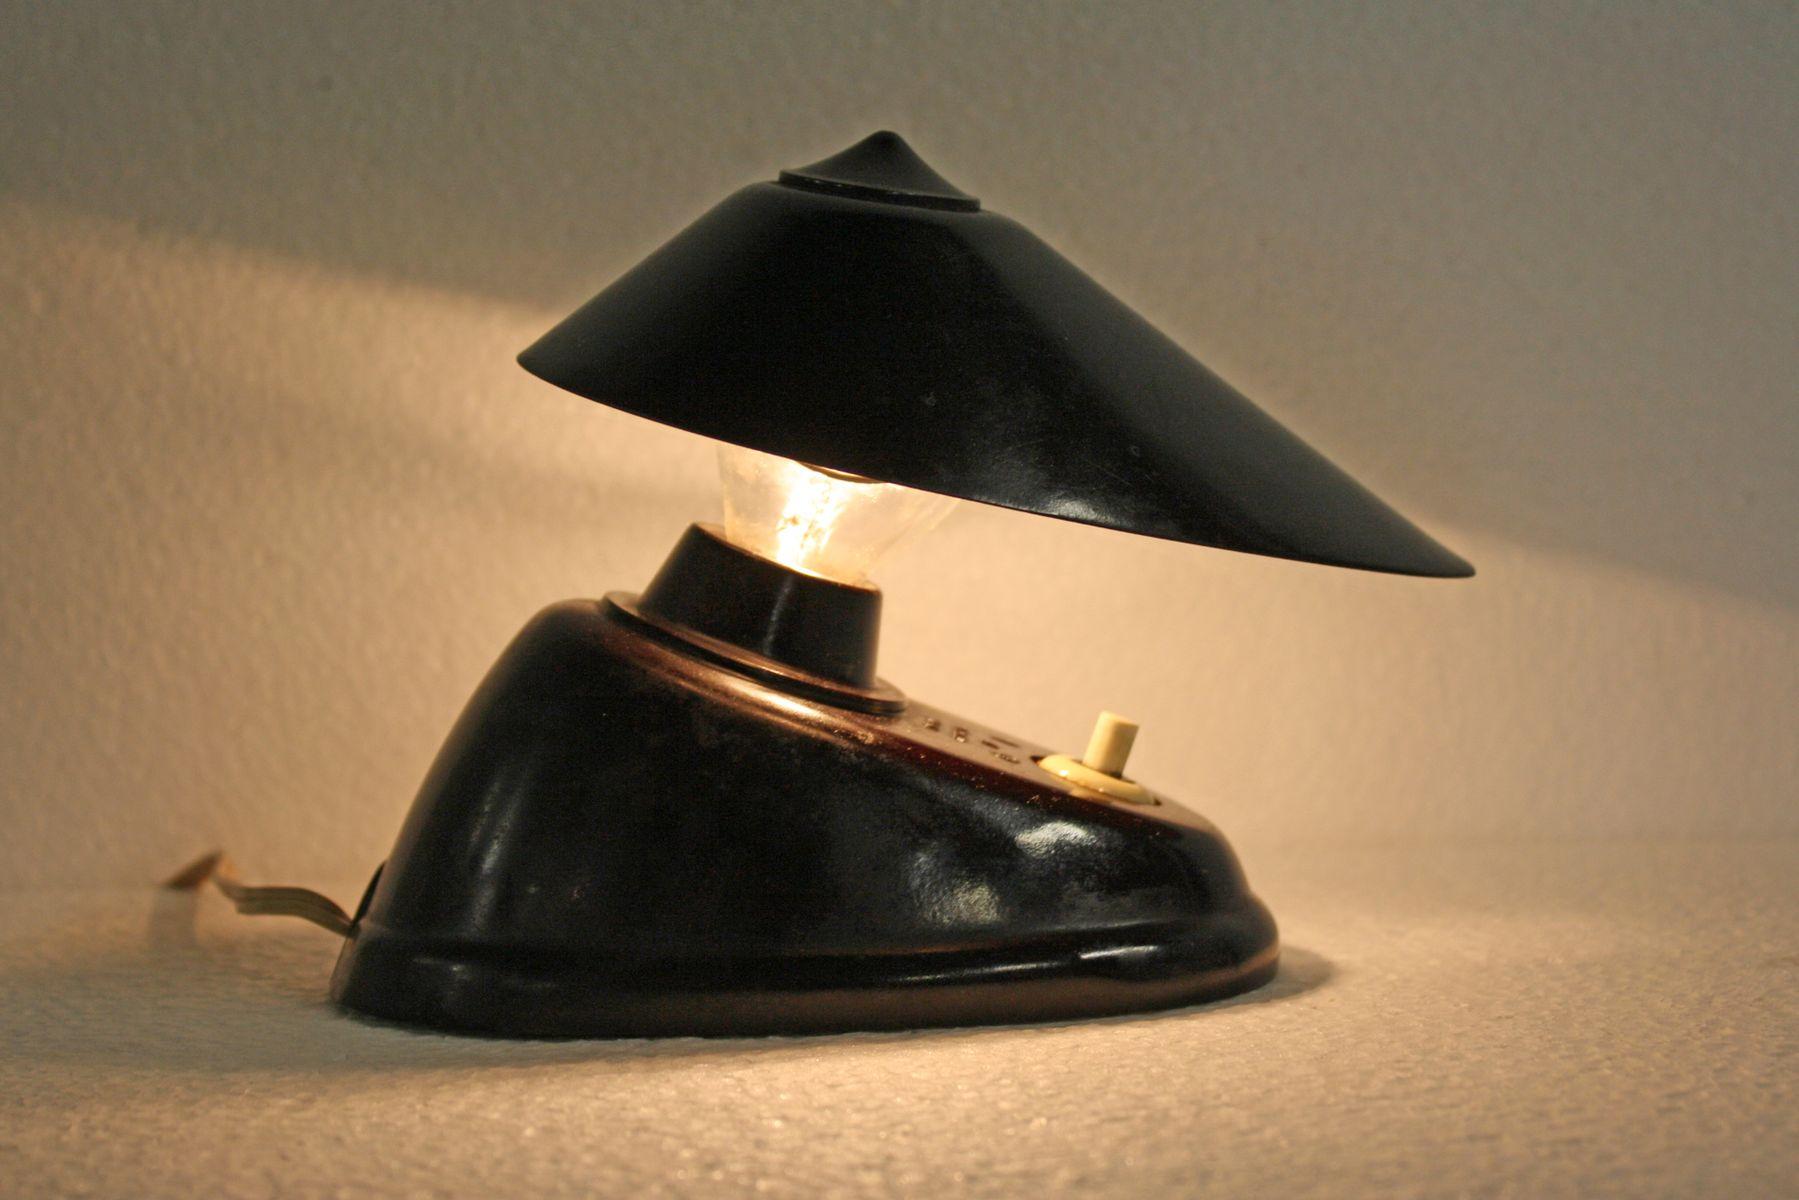 Art Deco Modell 11641 Bakelit Schreibtisch- oder Wandleuchte von ESC, ...